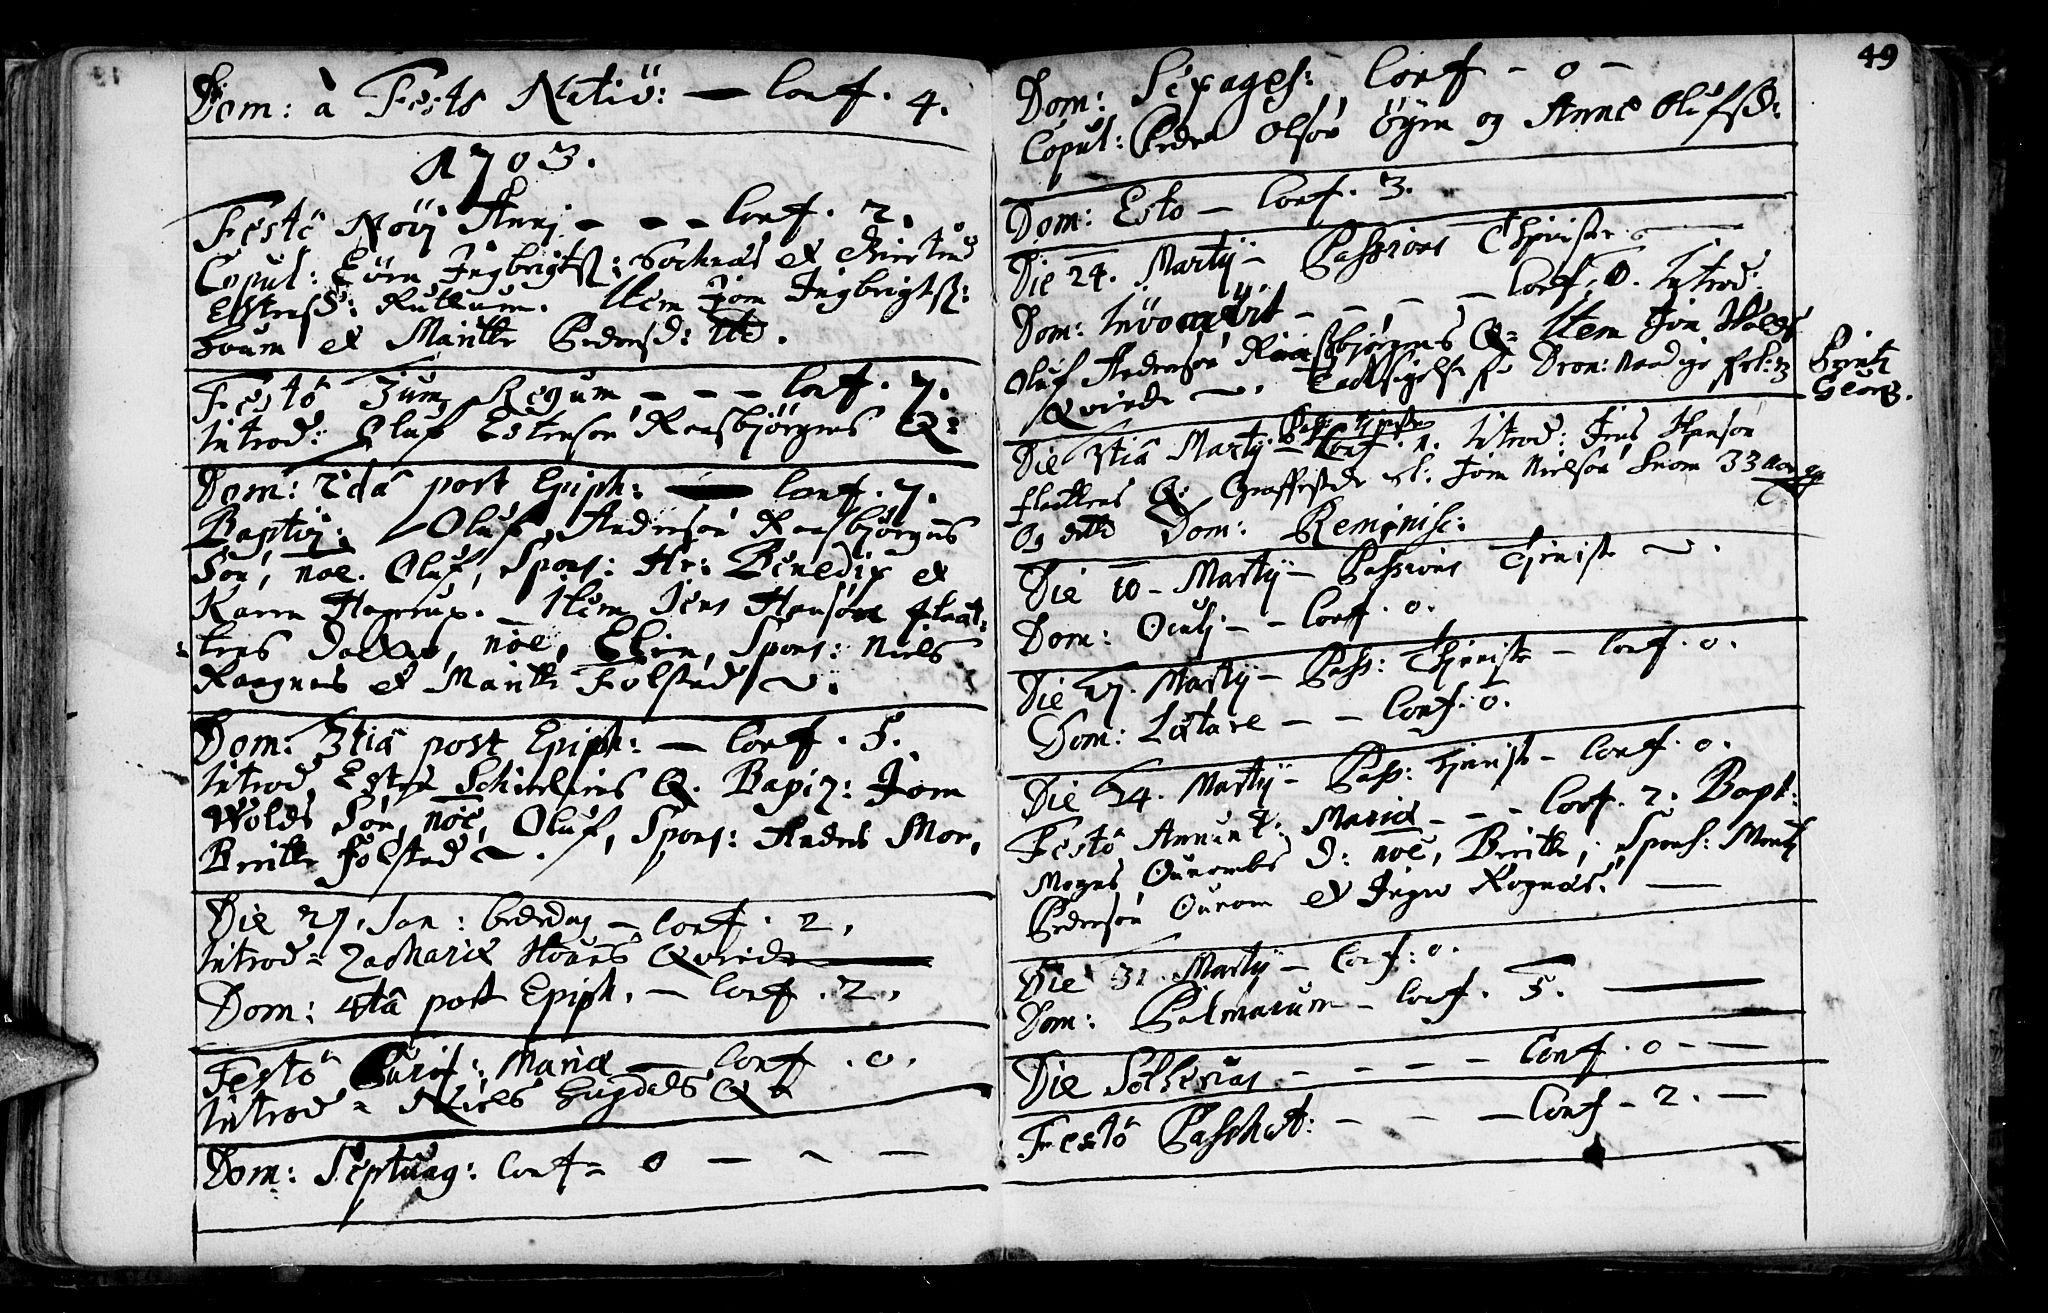 SAT, Ministerialprotokoller, klokkerbøker og fødselsregistre - Sør-Trøndelag, 687/L0990: Ministerialbok nr. 687A01, 1690-1746, s. 49